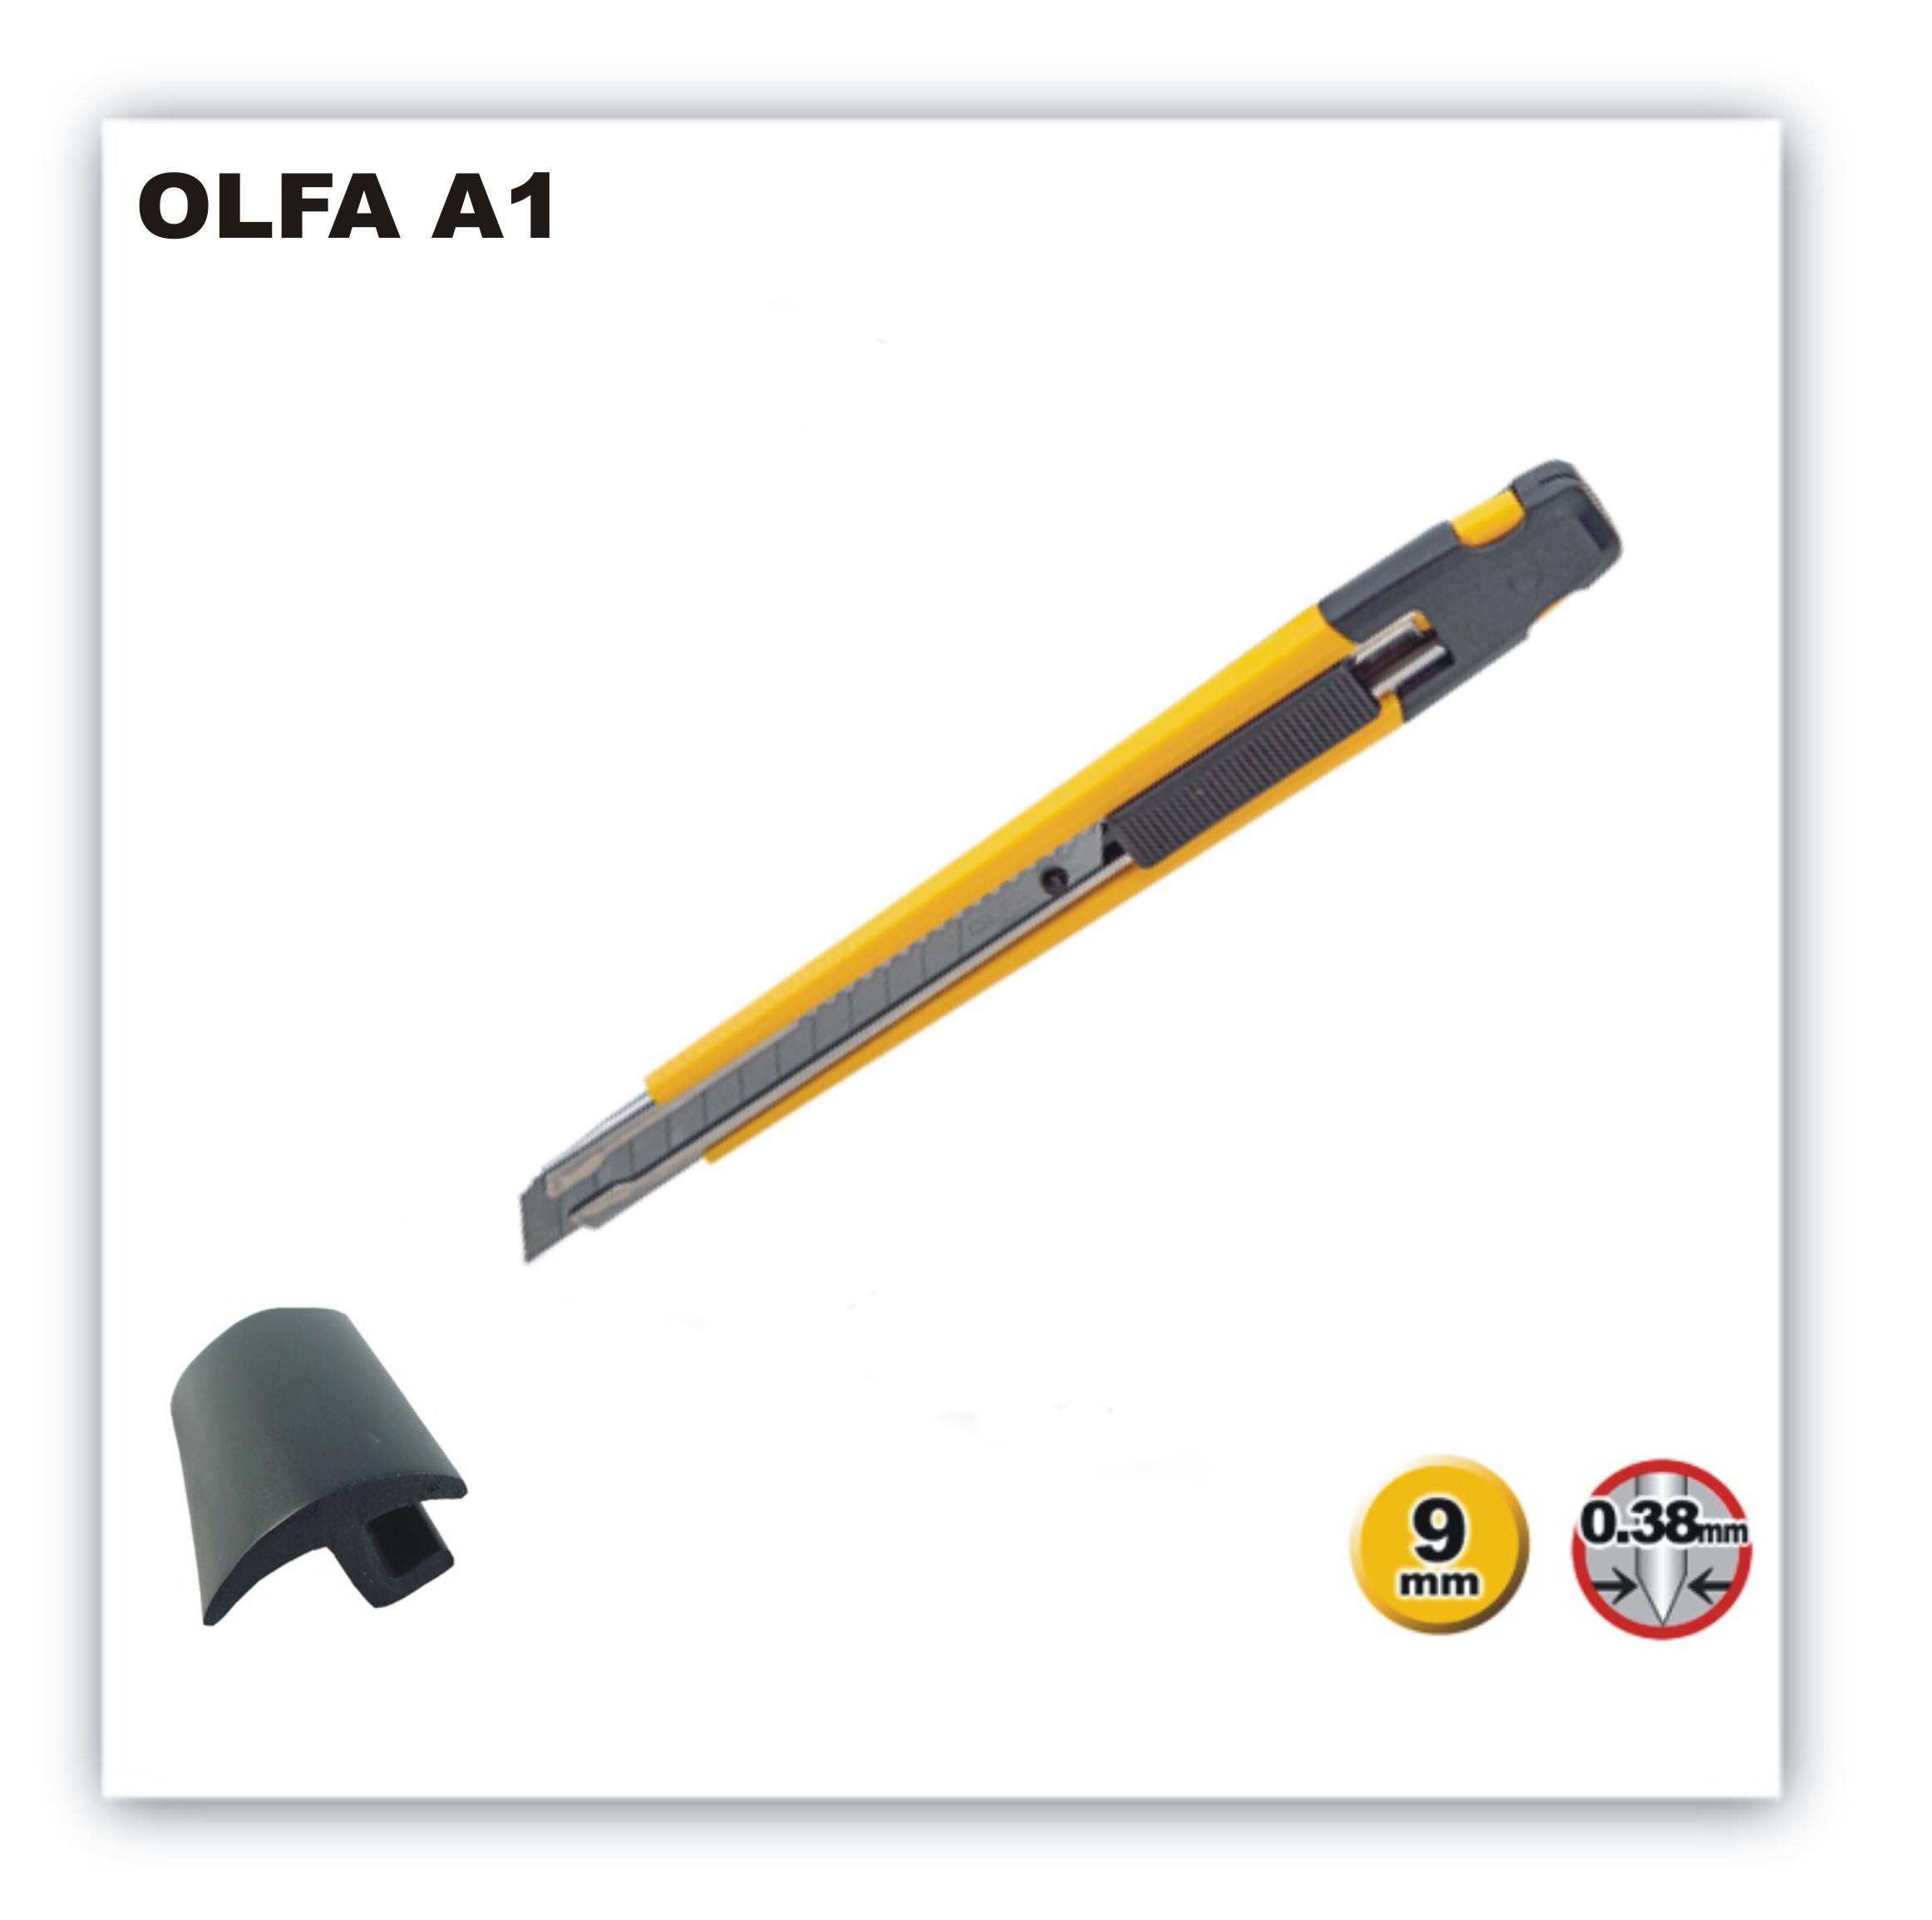 Standard Olfa kés - 9 mm ?OLFA A-1